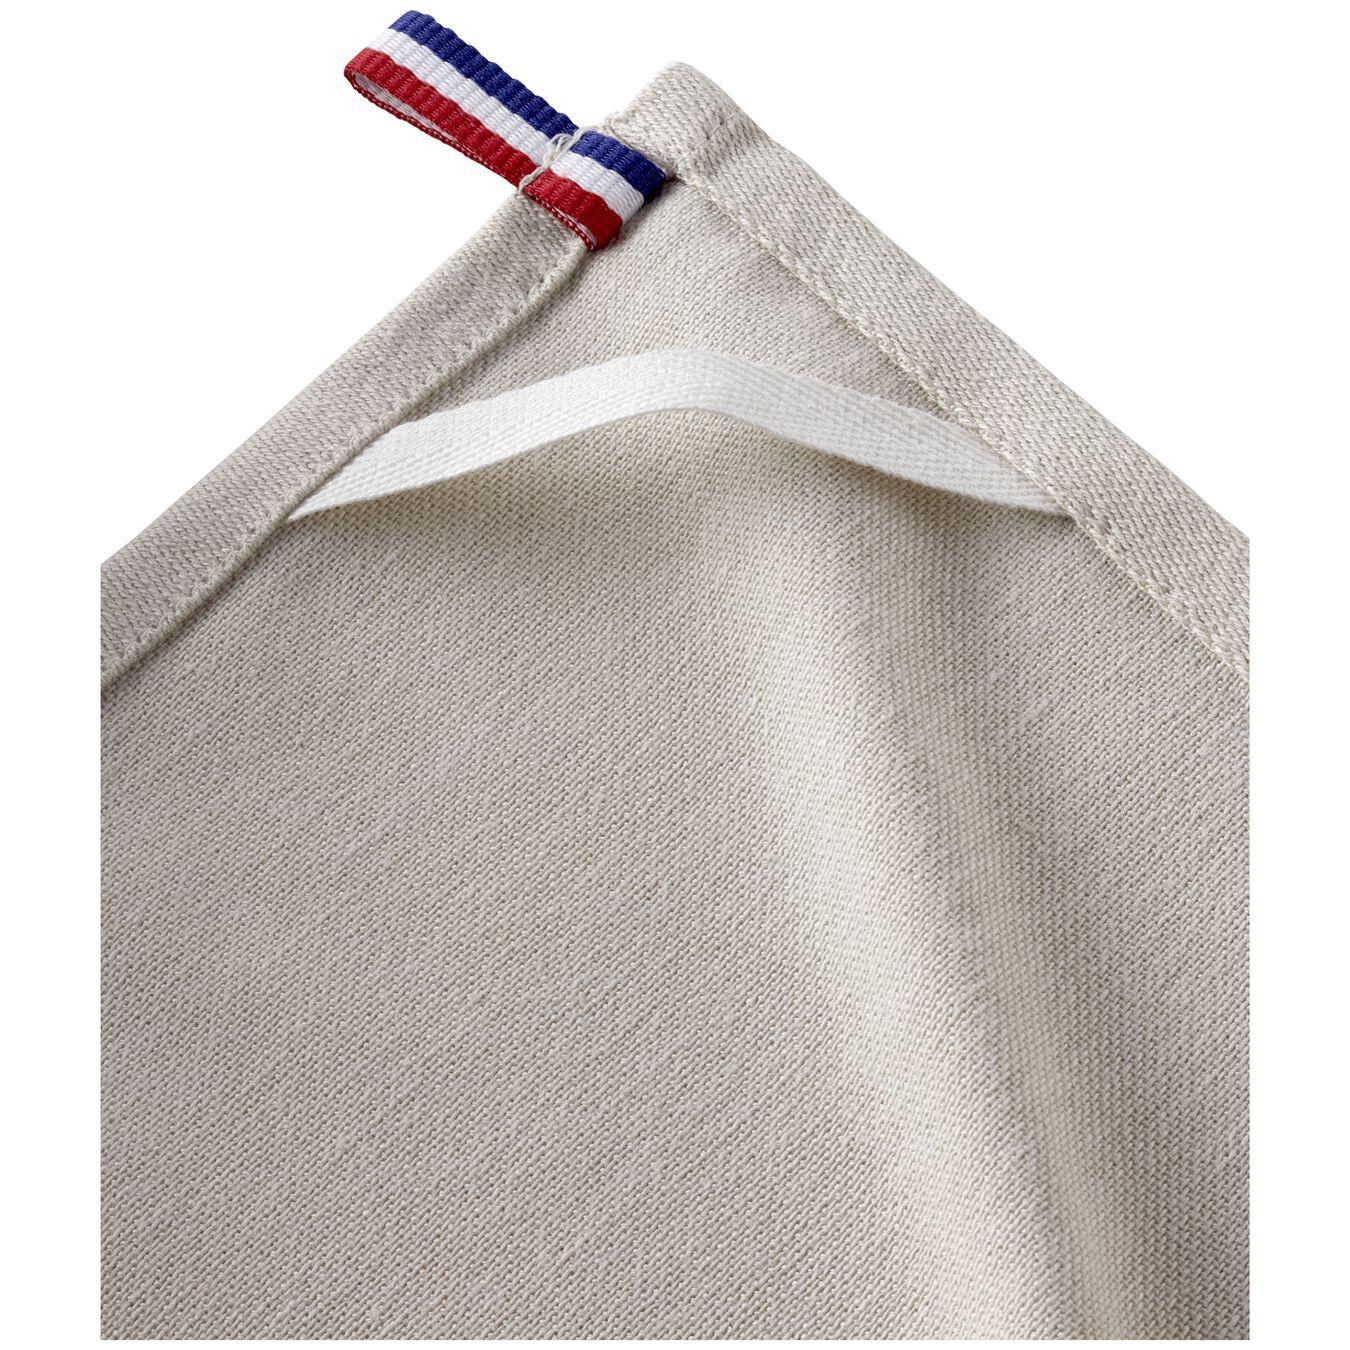 70 cm x 50 cm Cotton Kitchen towel, Blue,,large 3